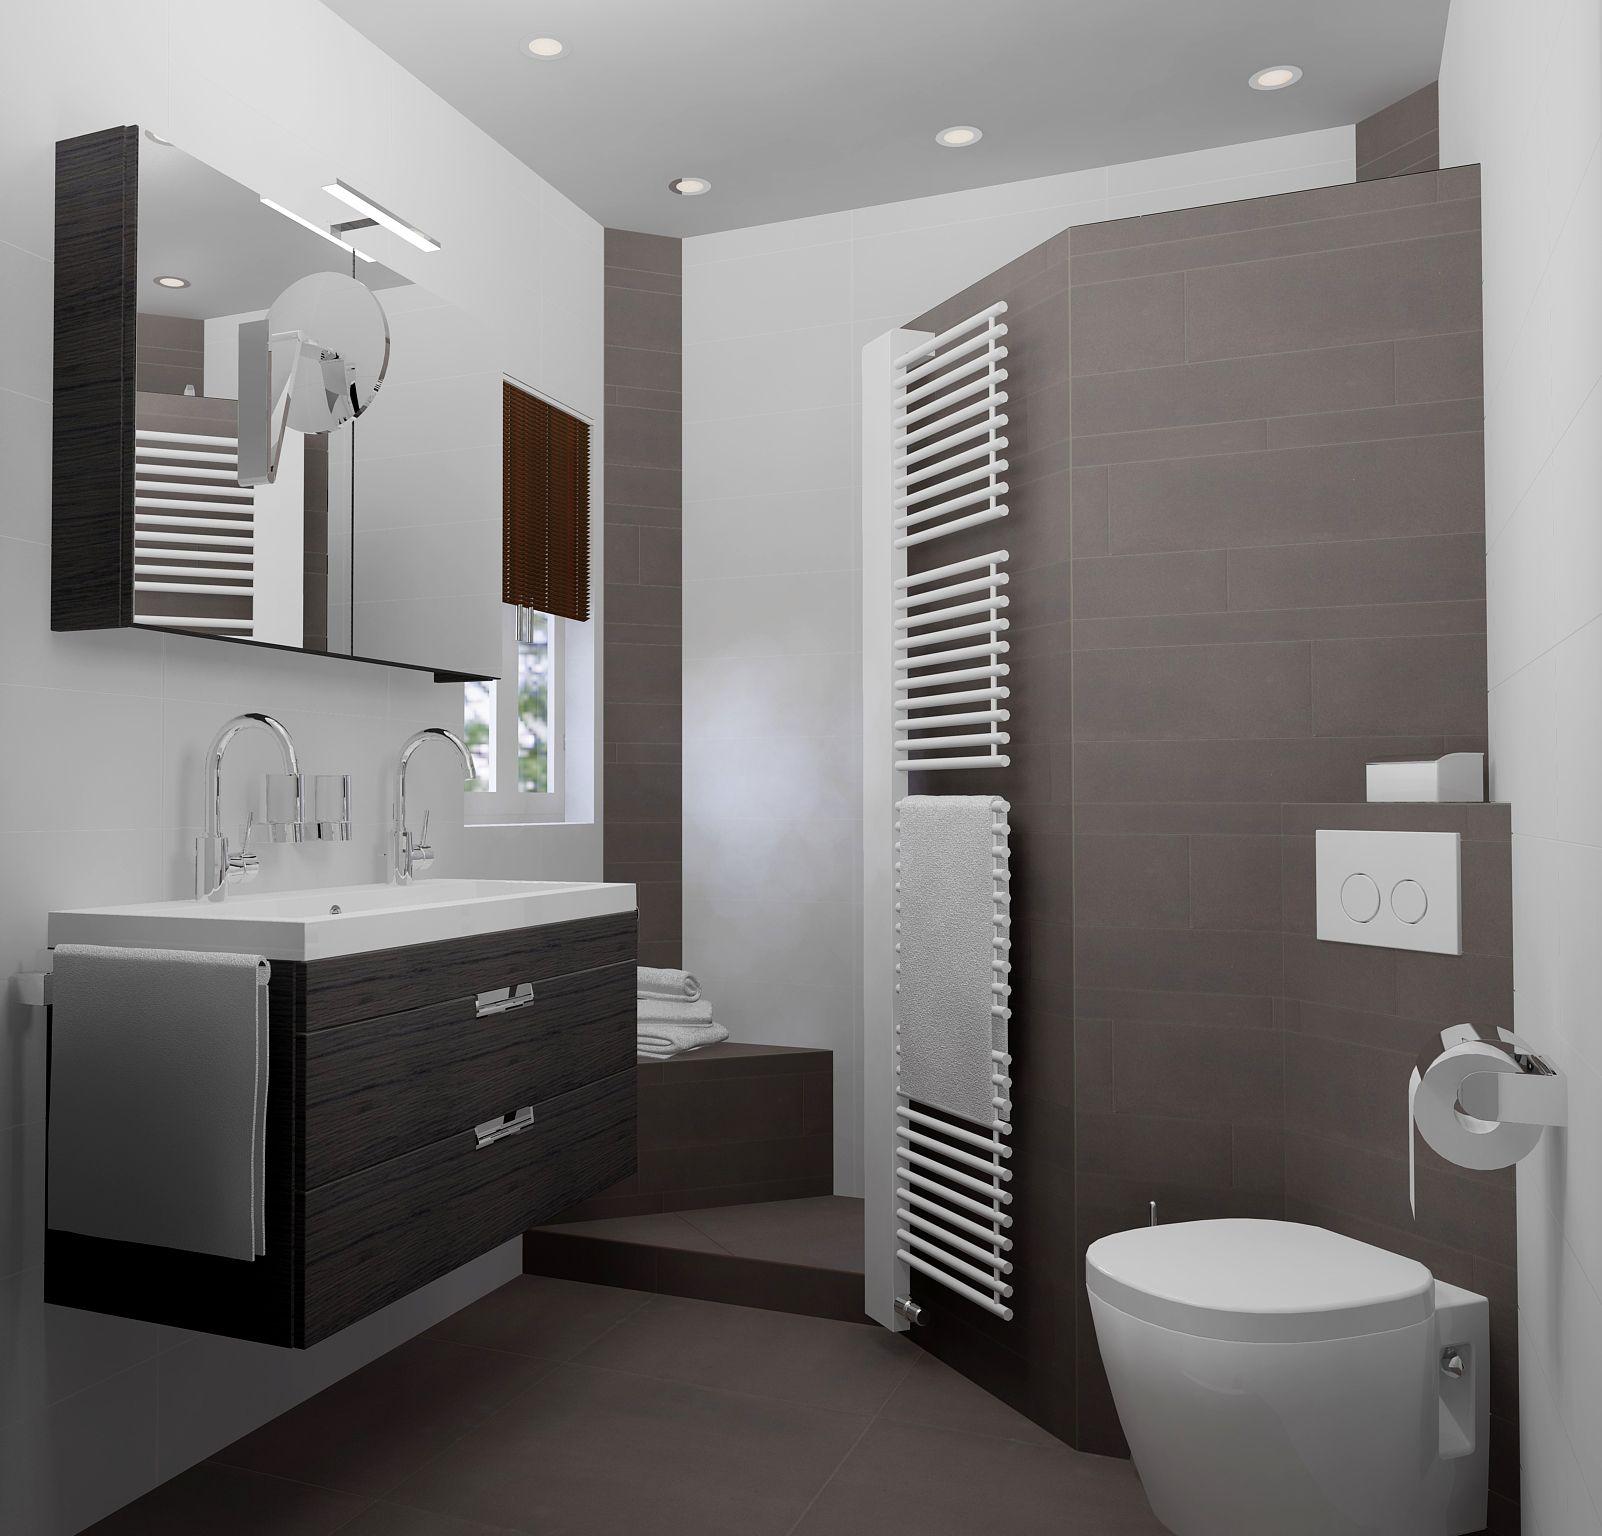 kleine badkamer van 200x187cm met inloopdouche 2 hoekzitjes toilet en dubbele wastafel gratis 3d badkamerontwerp en 360view op sani bouwnl